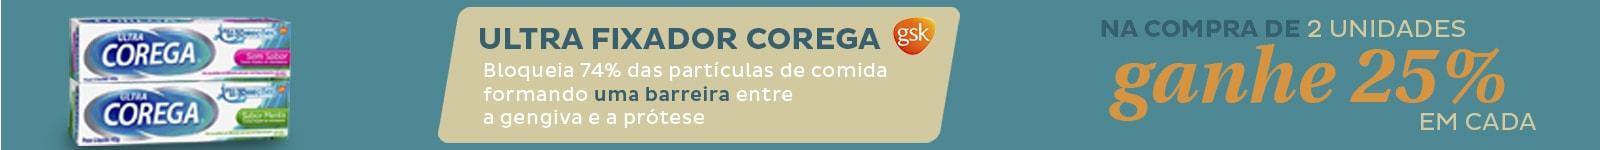 Corega